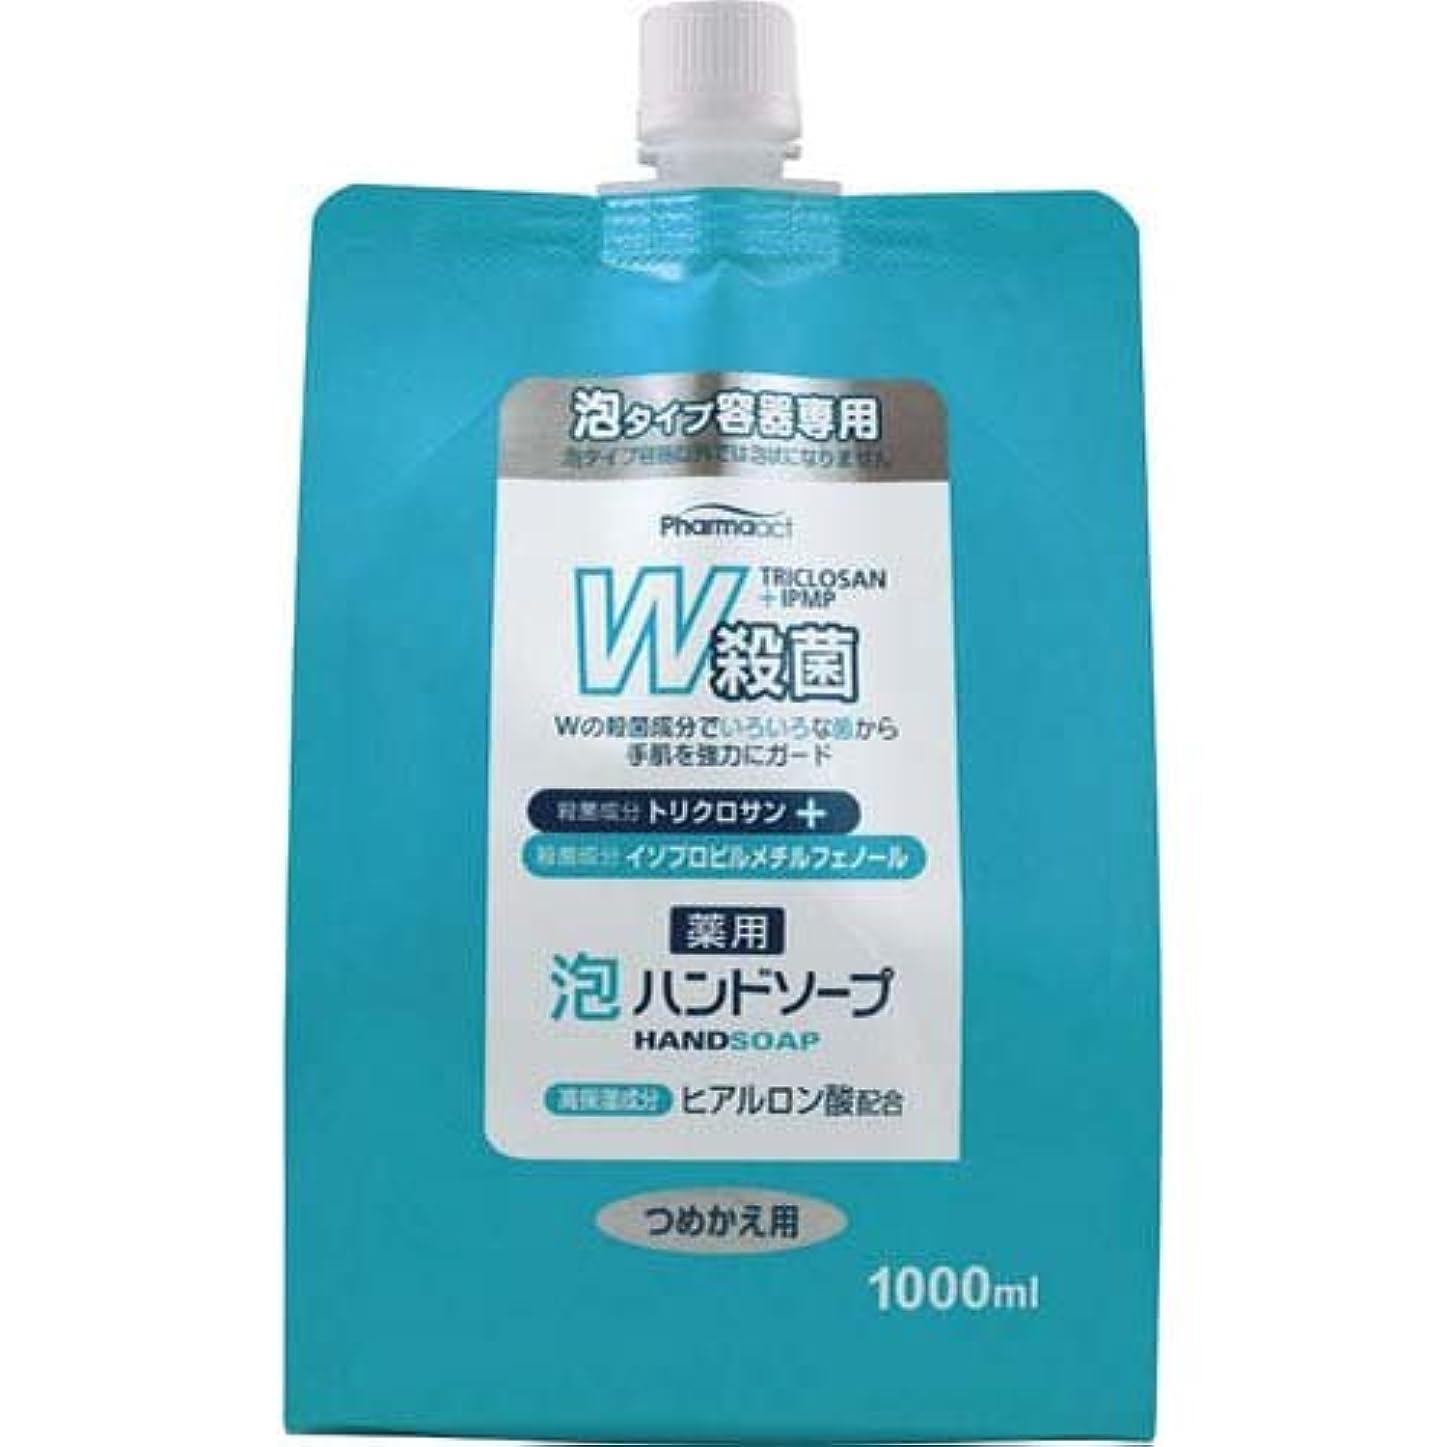 クランプ果てしない週間熊野油脂 FAW殺菌薬用泡ハンドソープ詰替1000ml×10